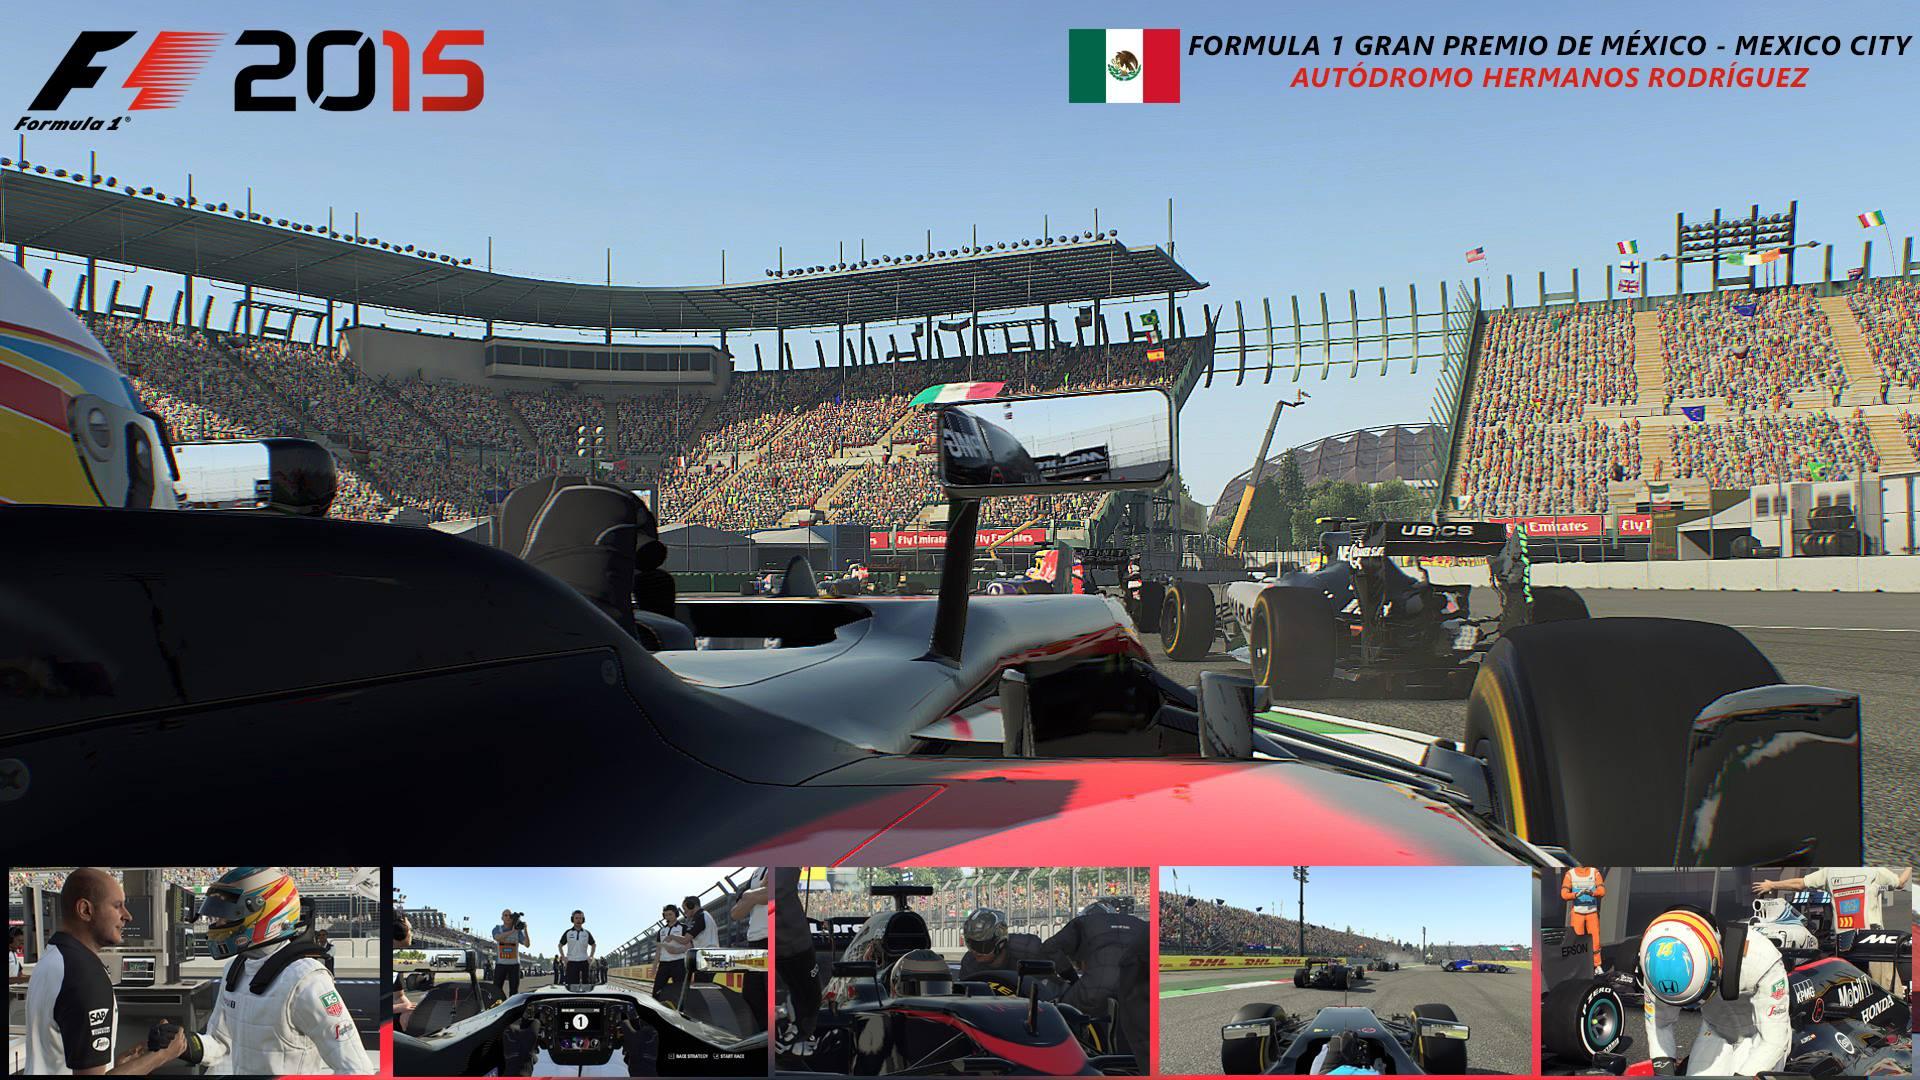 F1 2015 PC Mexican GP - McLaren Honda